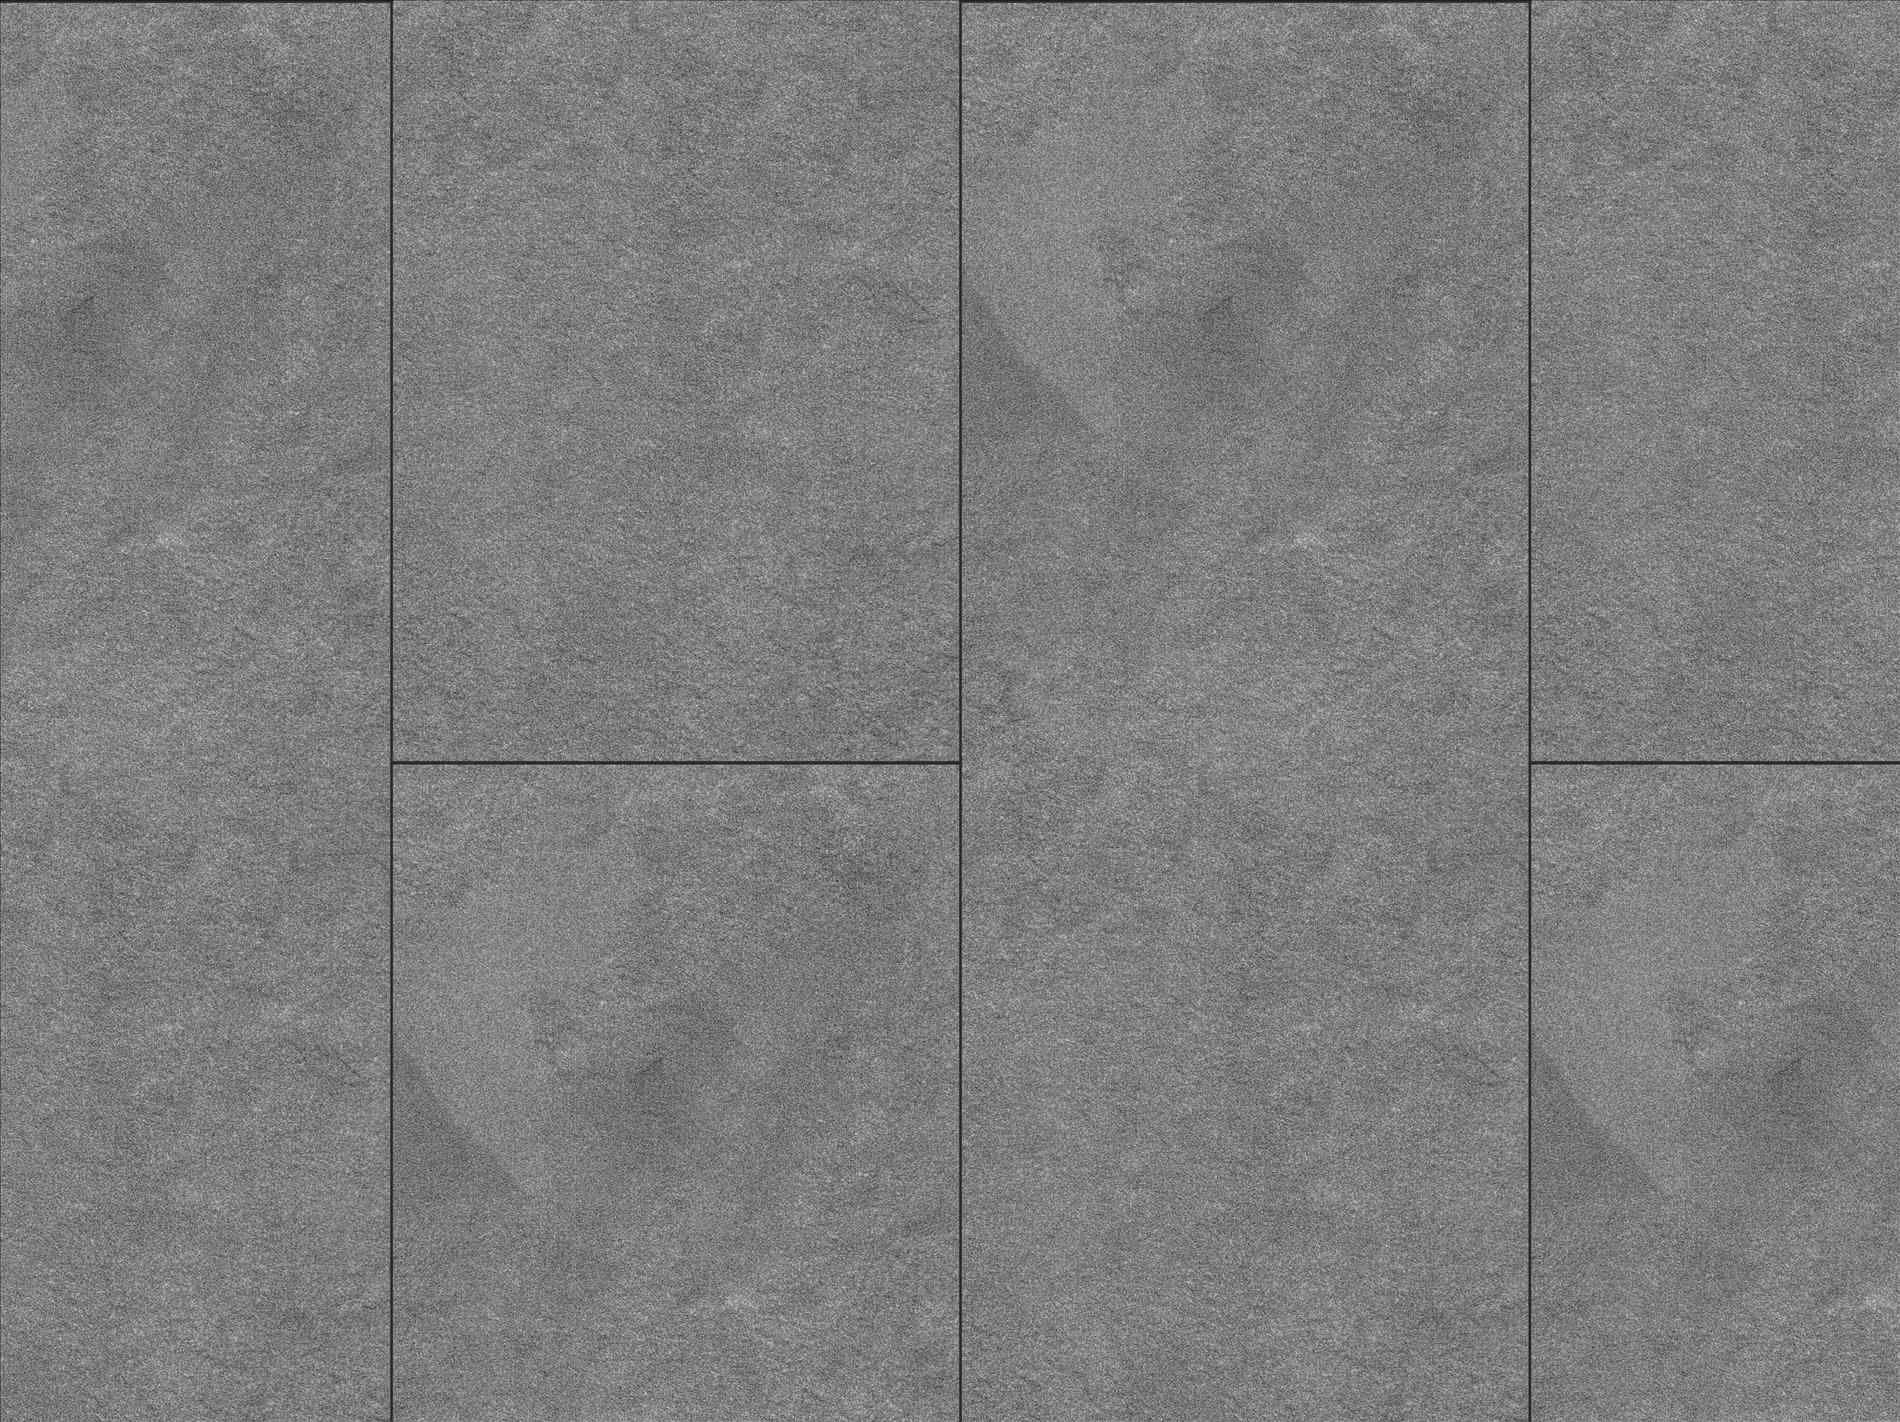 Bathroom Floor Tile Texture Seamless Homyracks